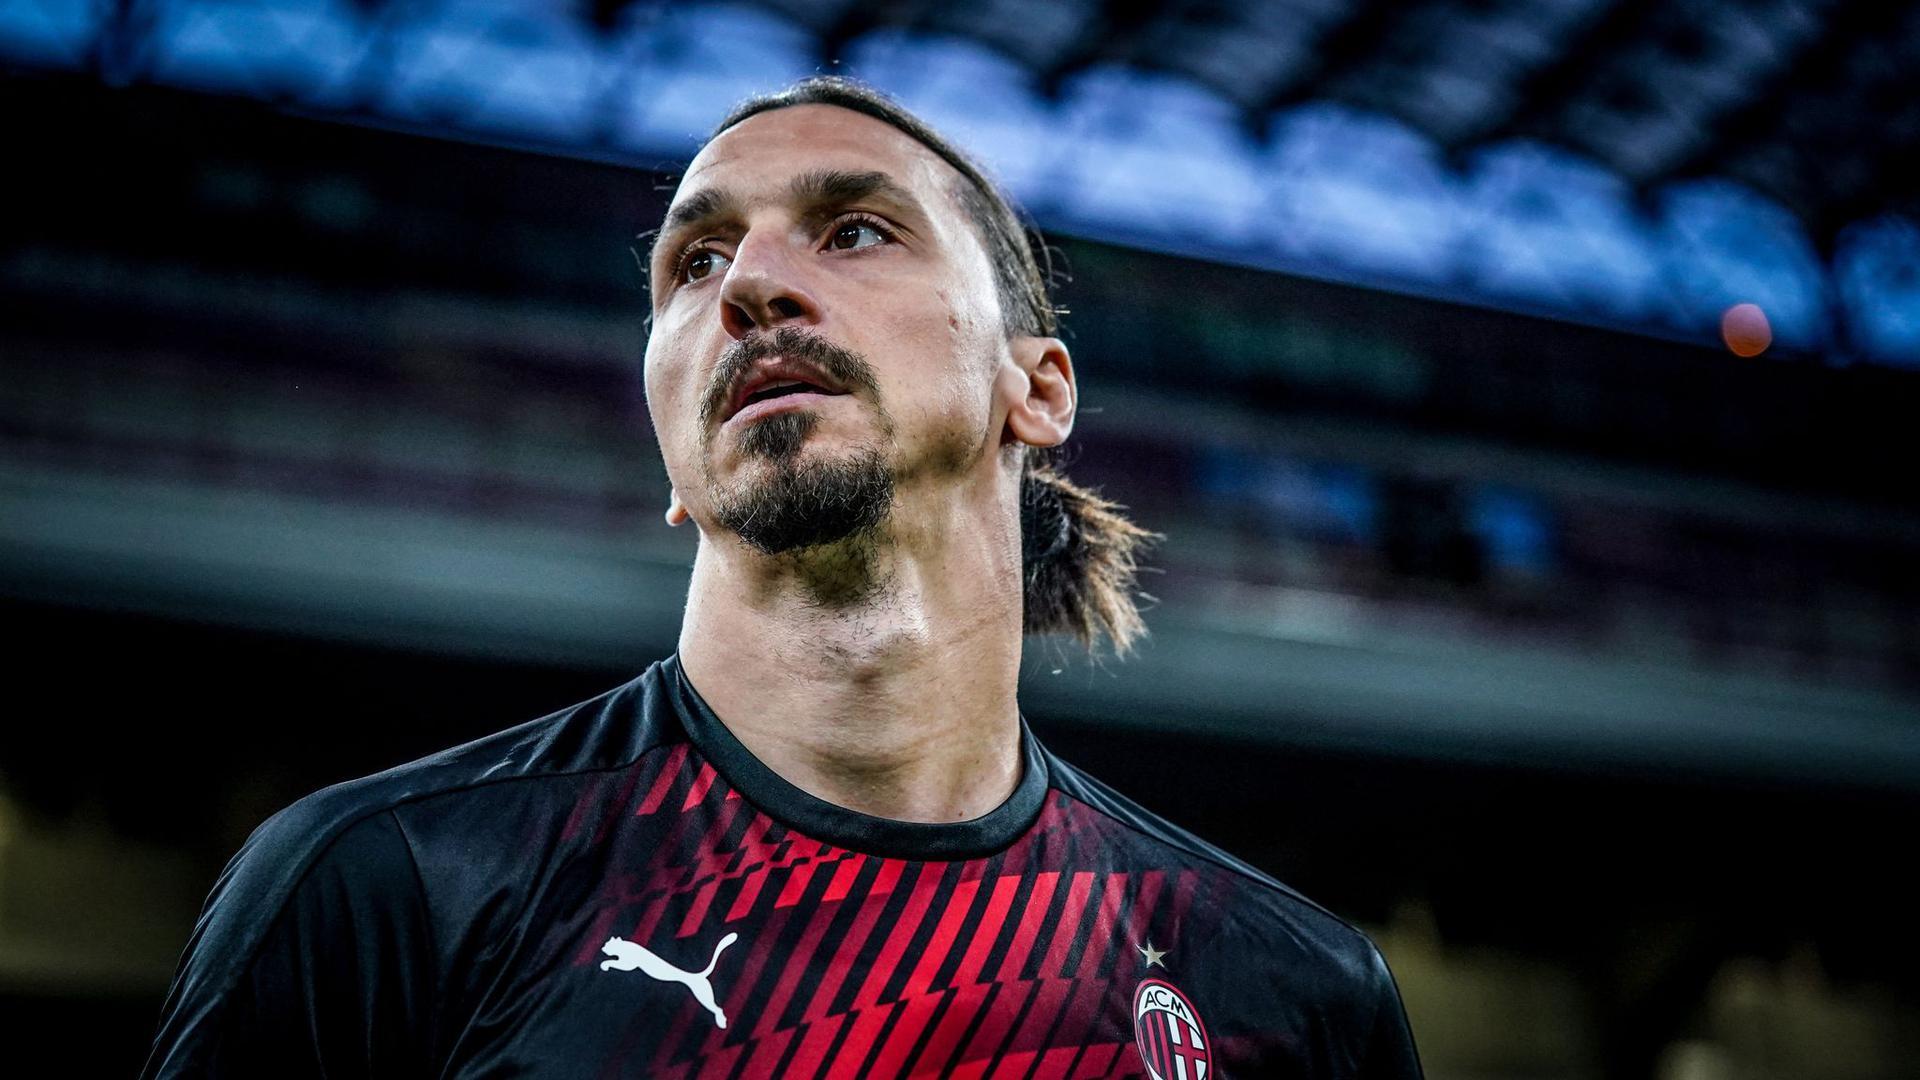 Der schwedische Stürmerstar Zlatan Ibrahimovic wurde positiv auf das Coronavirus getestet.